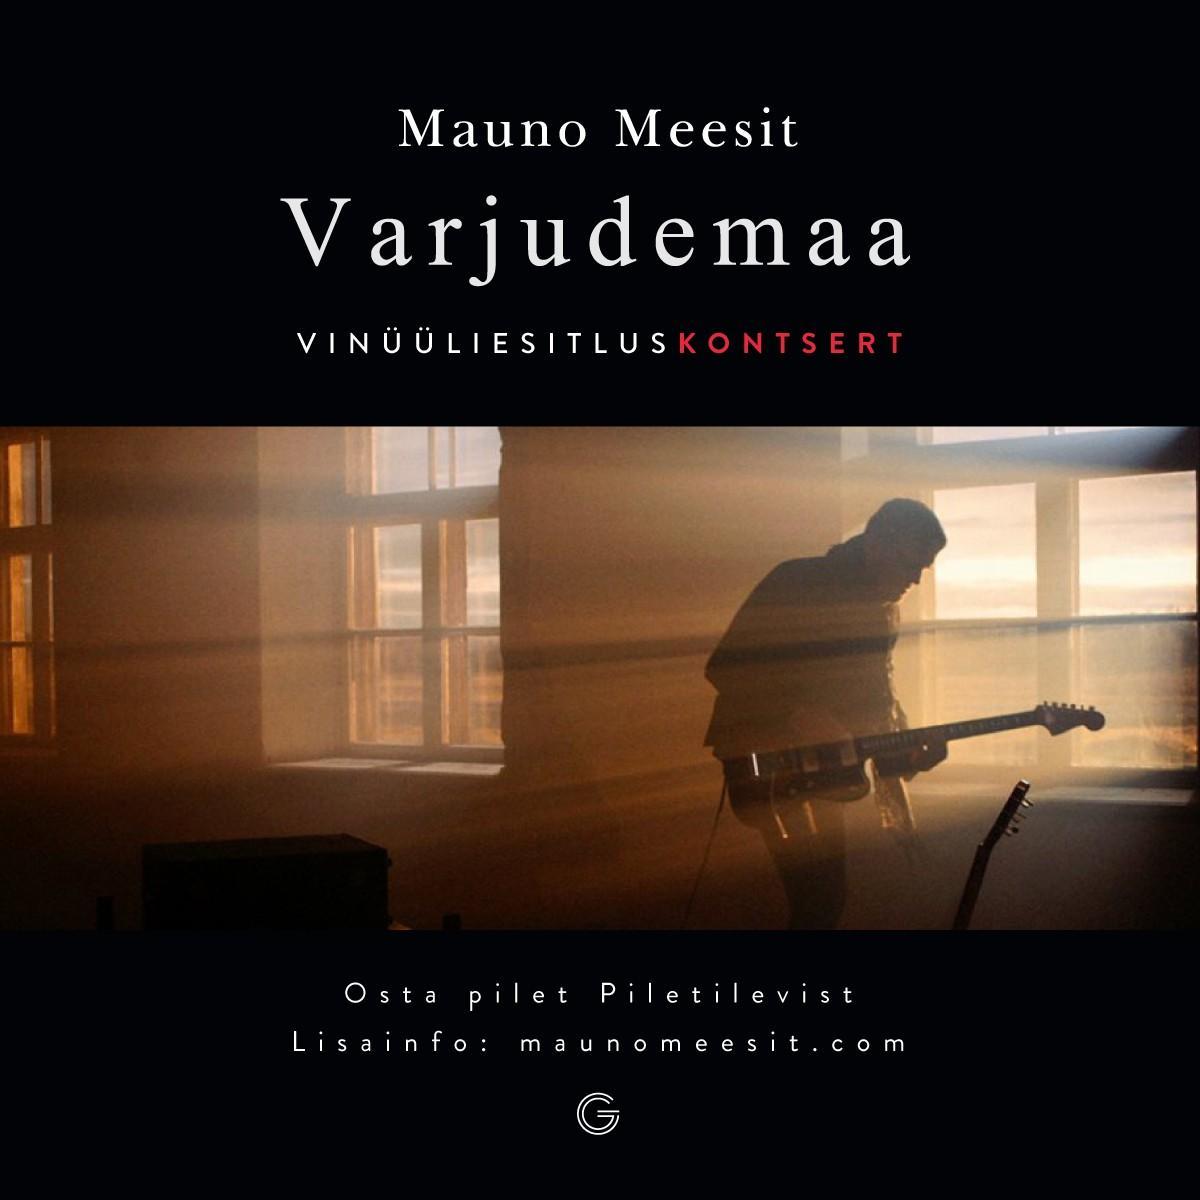 Mauno Meesit